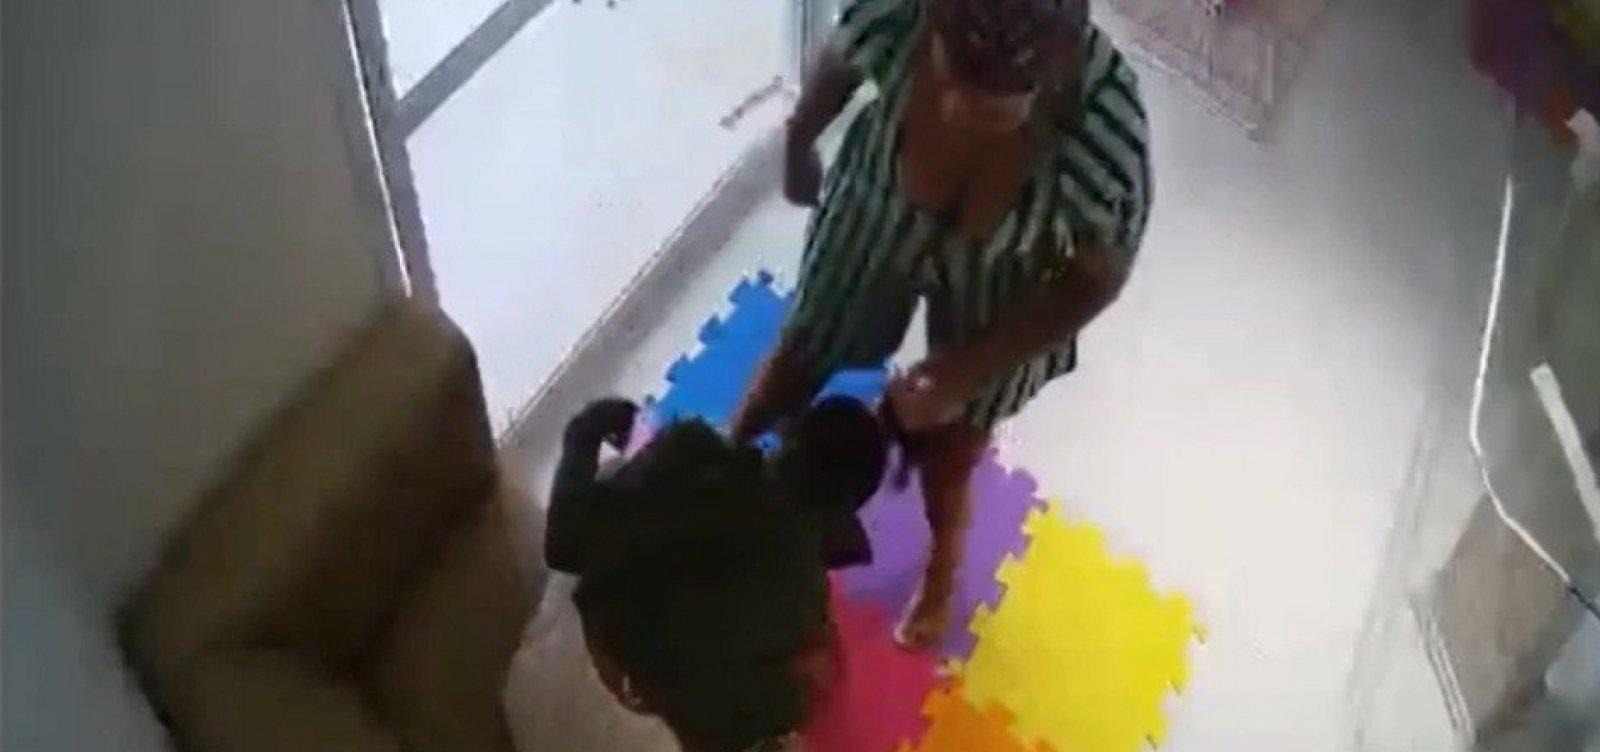 Ex-patroa que agrediu babá no Imbuí é indiciada por quatro crimes